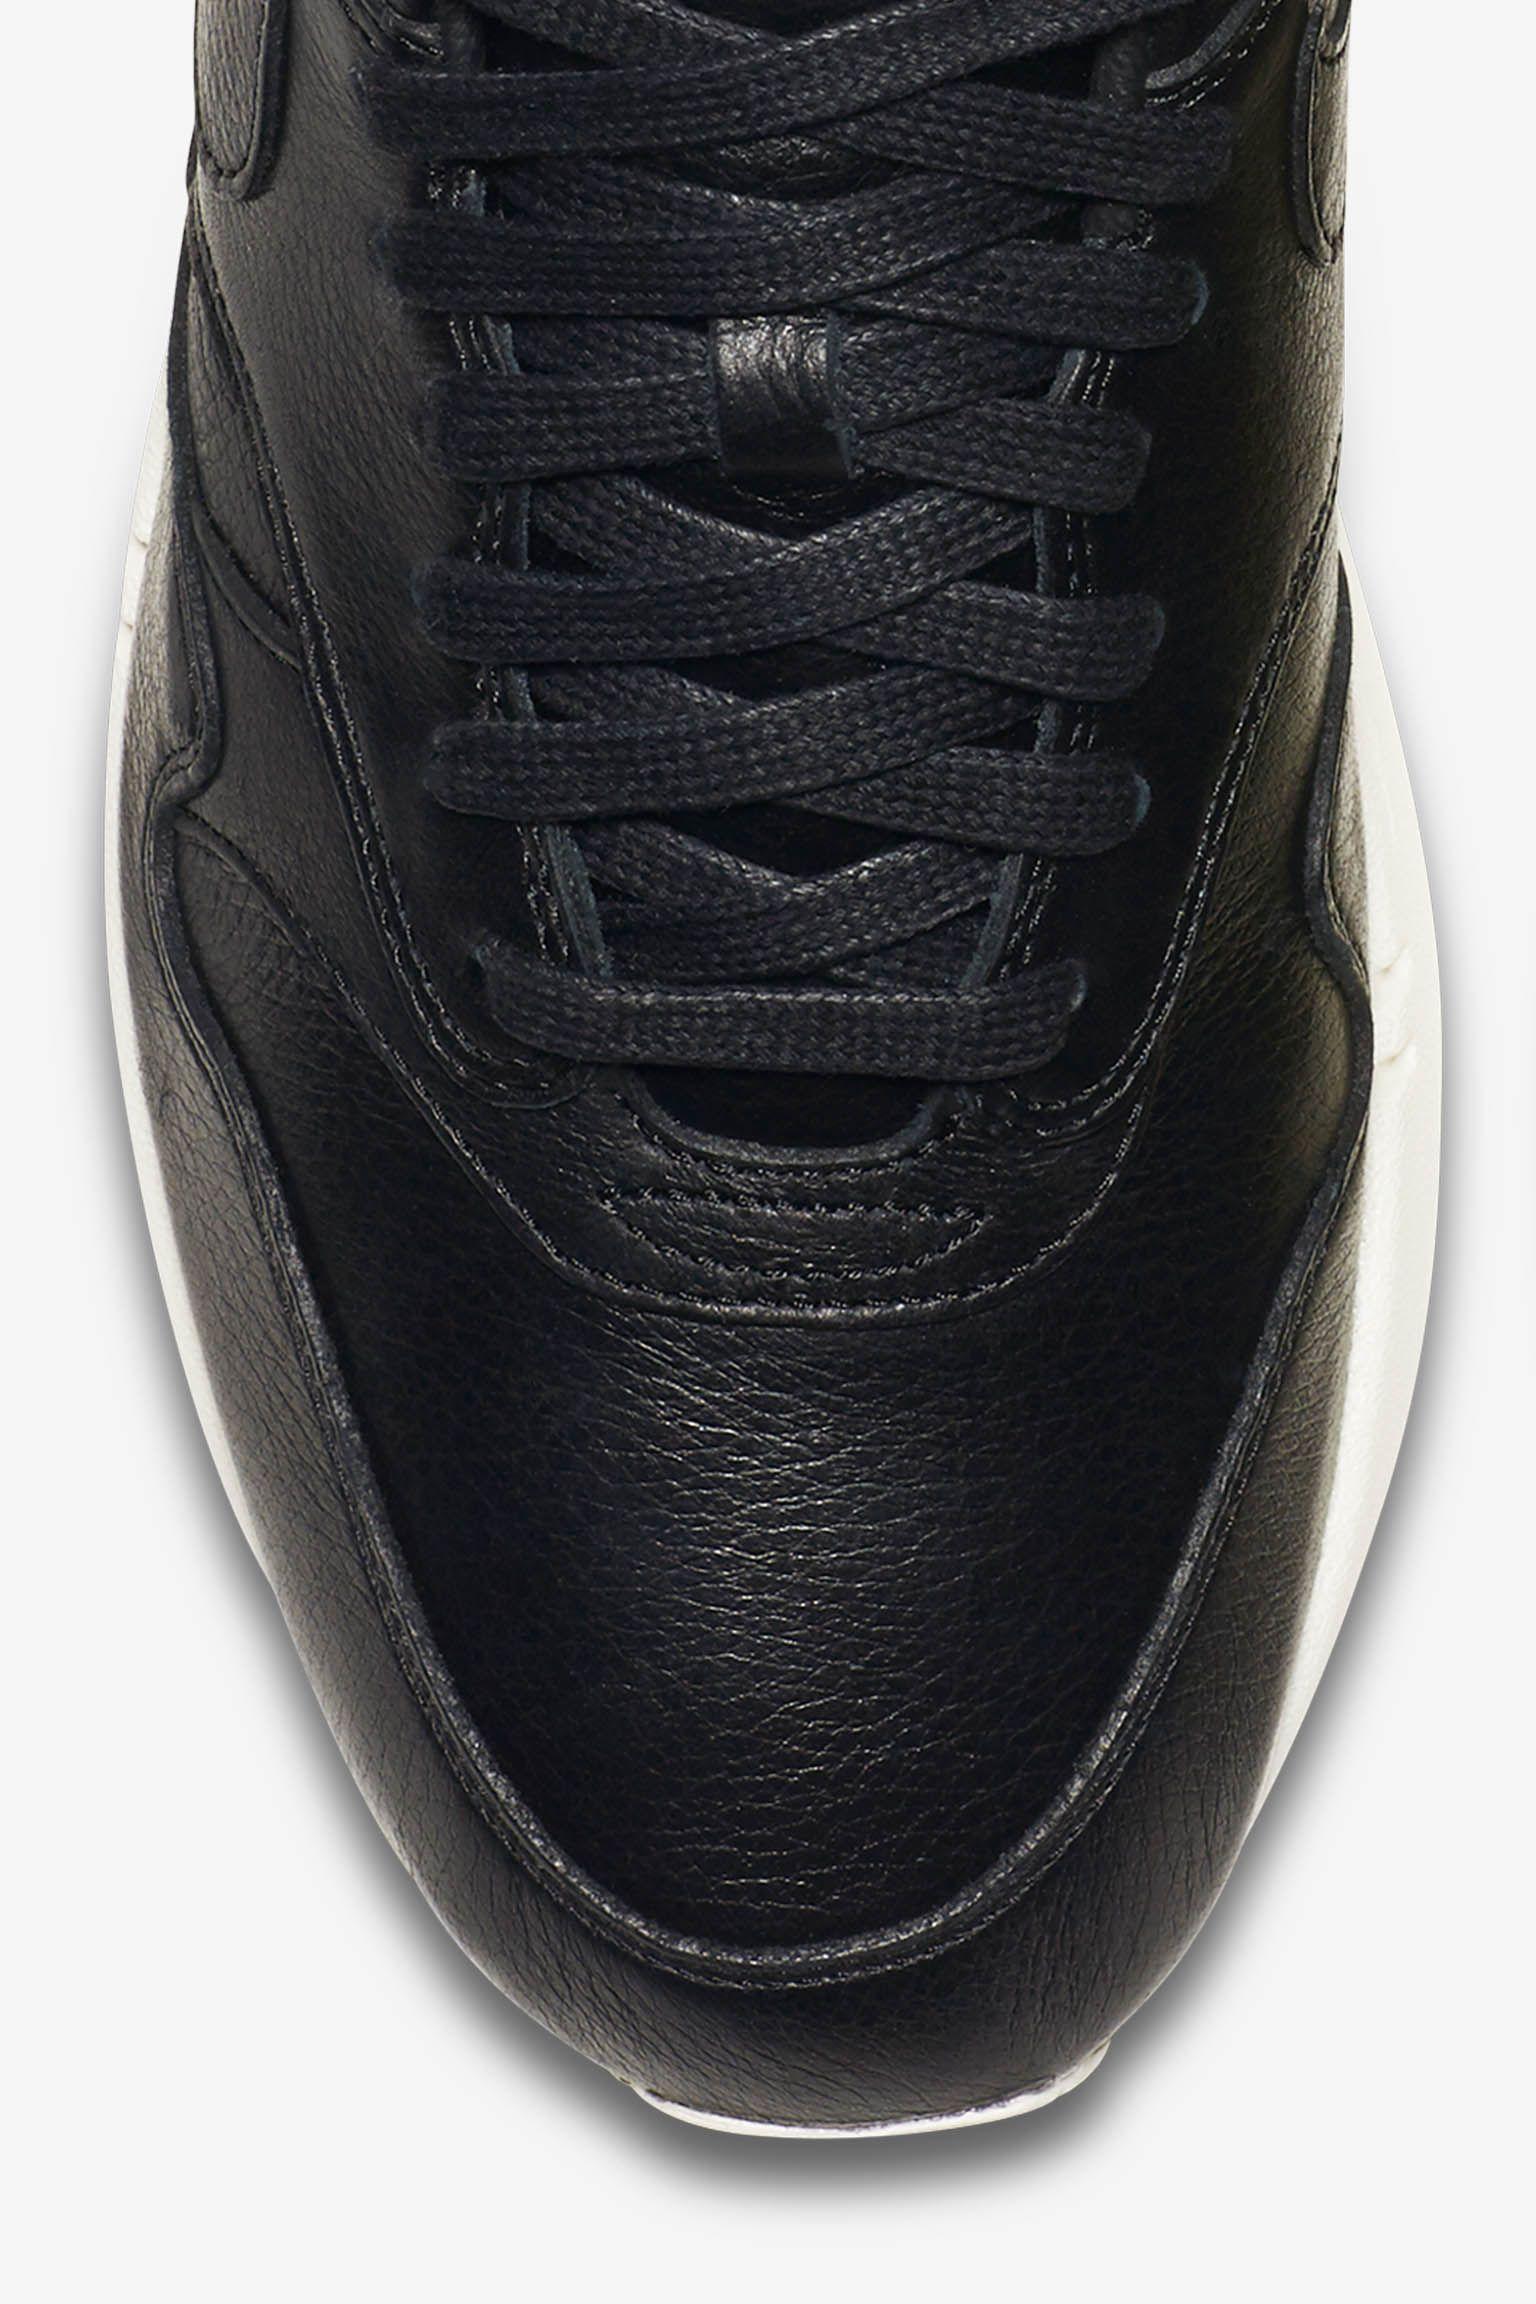 NikeLab Air Max 1 Pinnacle 'Black & Sail'